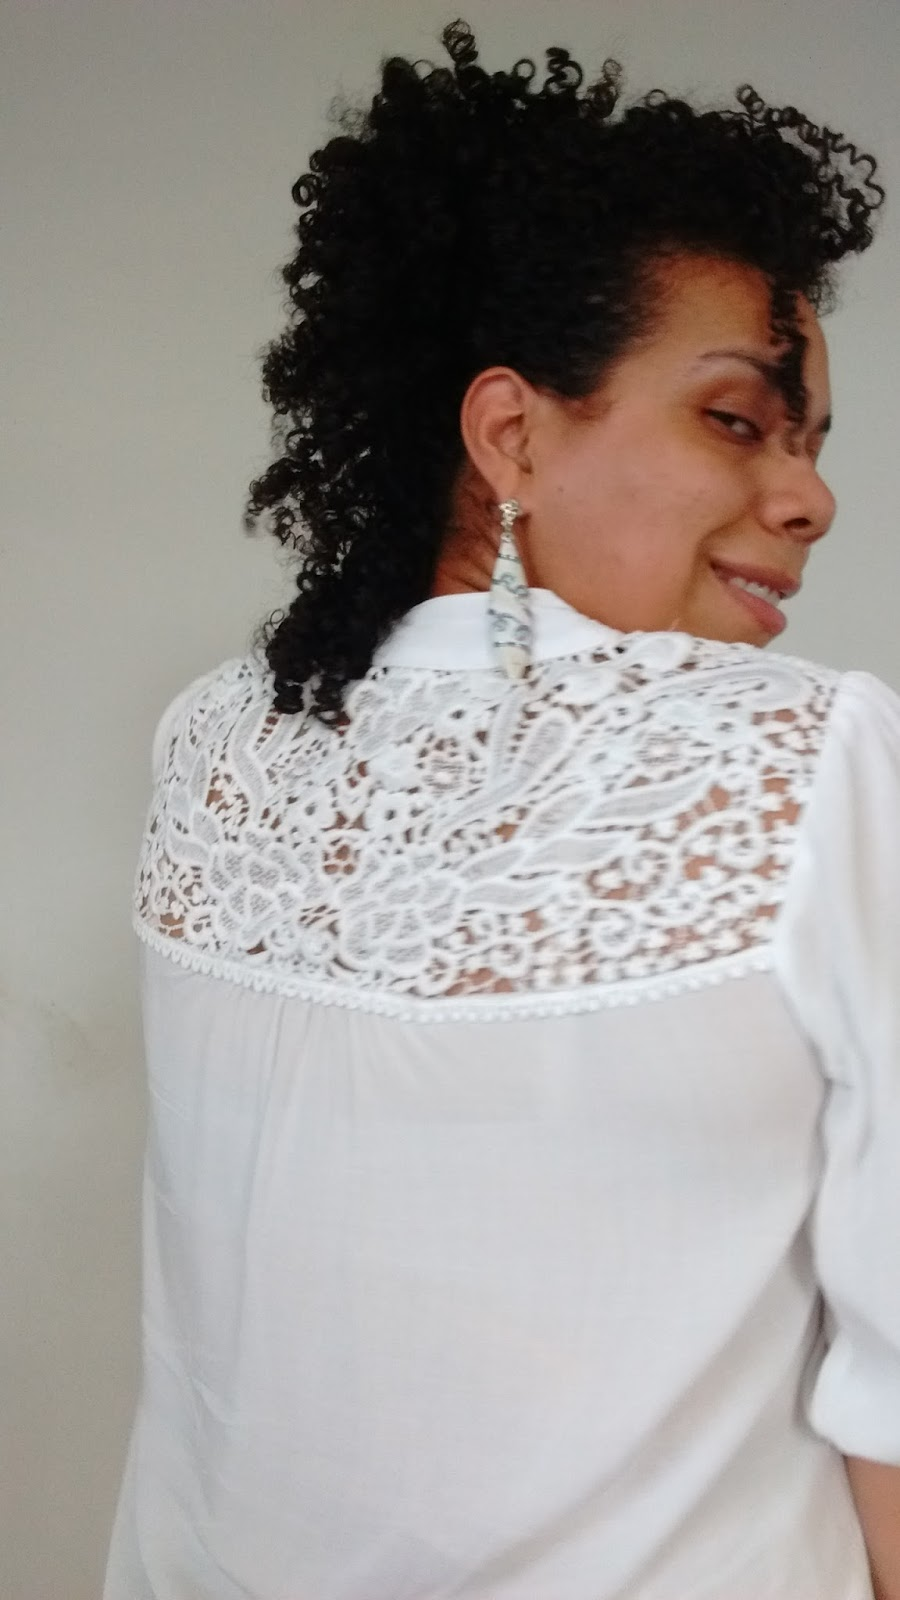 e5aa11b55 Recebidos Loja Rosegal, parcerias com lojas, blusas de renda, bolsa de  coruja,